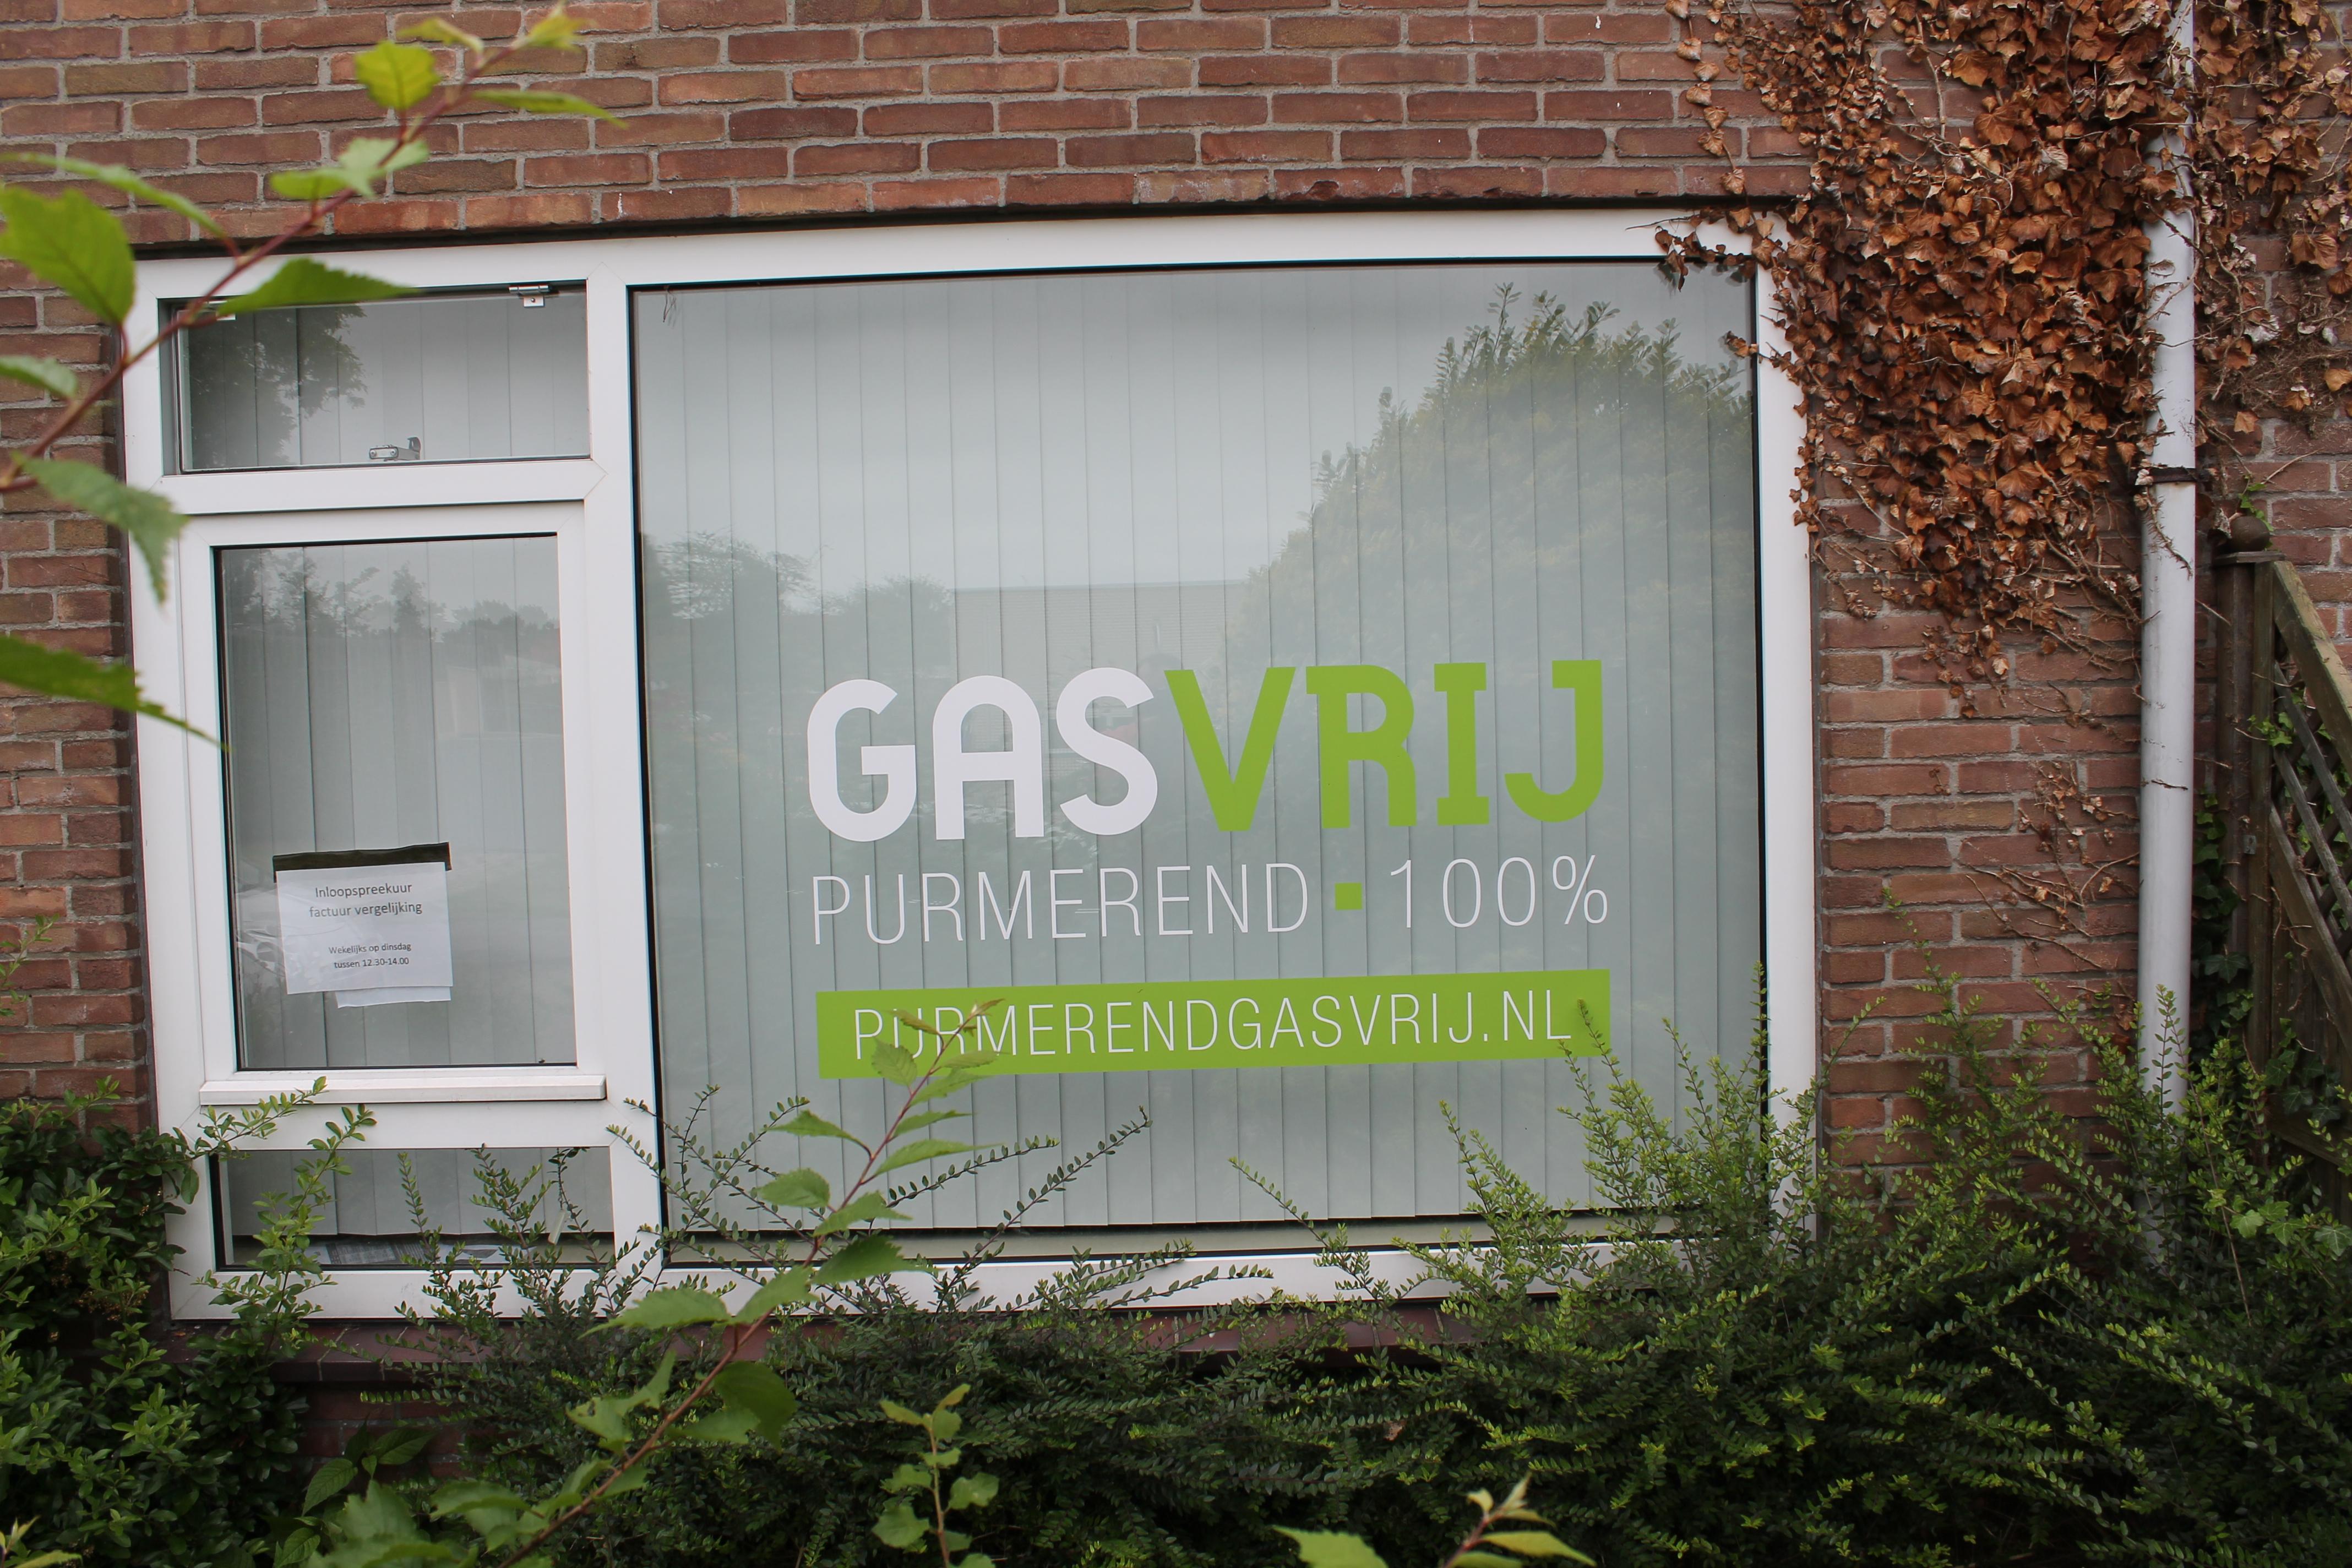 Woningen in de Gasinjetstraat Overwhere maken deel uit van de pilot. Inzet: Op een van de woningen prijkt de tekst Gasvrij. (Foto's: John Bontje) rodi.nl © rodi